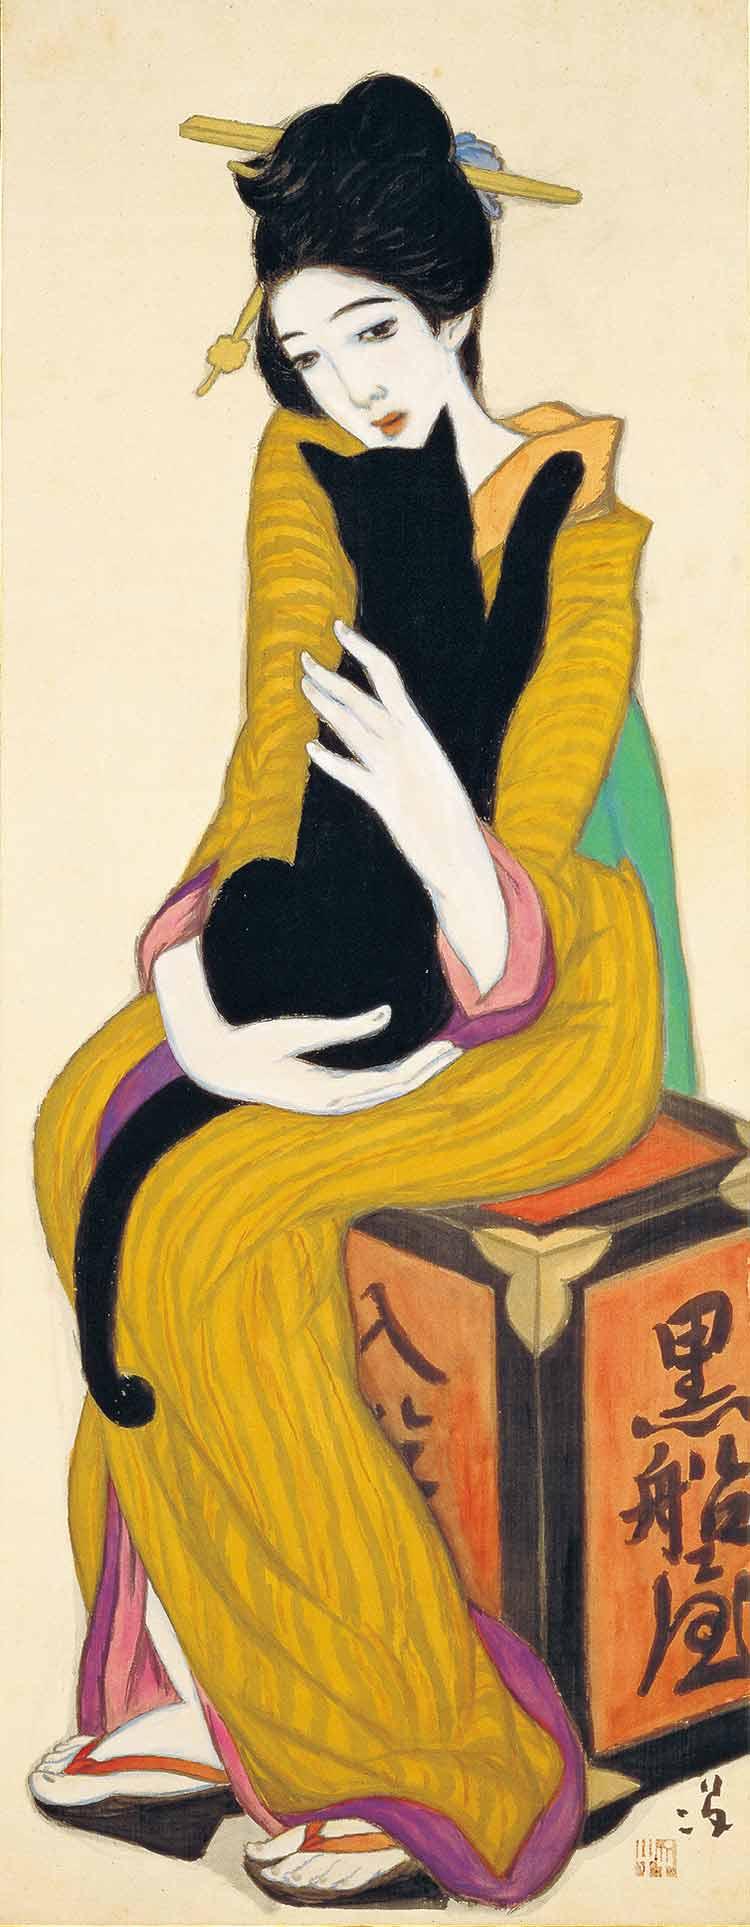 «Kurofuneya» (黒船屋) es una obra destacada. Según dicen el artista imitó la composición de «Mujer con gato» de Kees van Dongen.